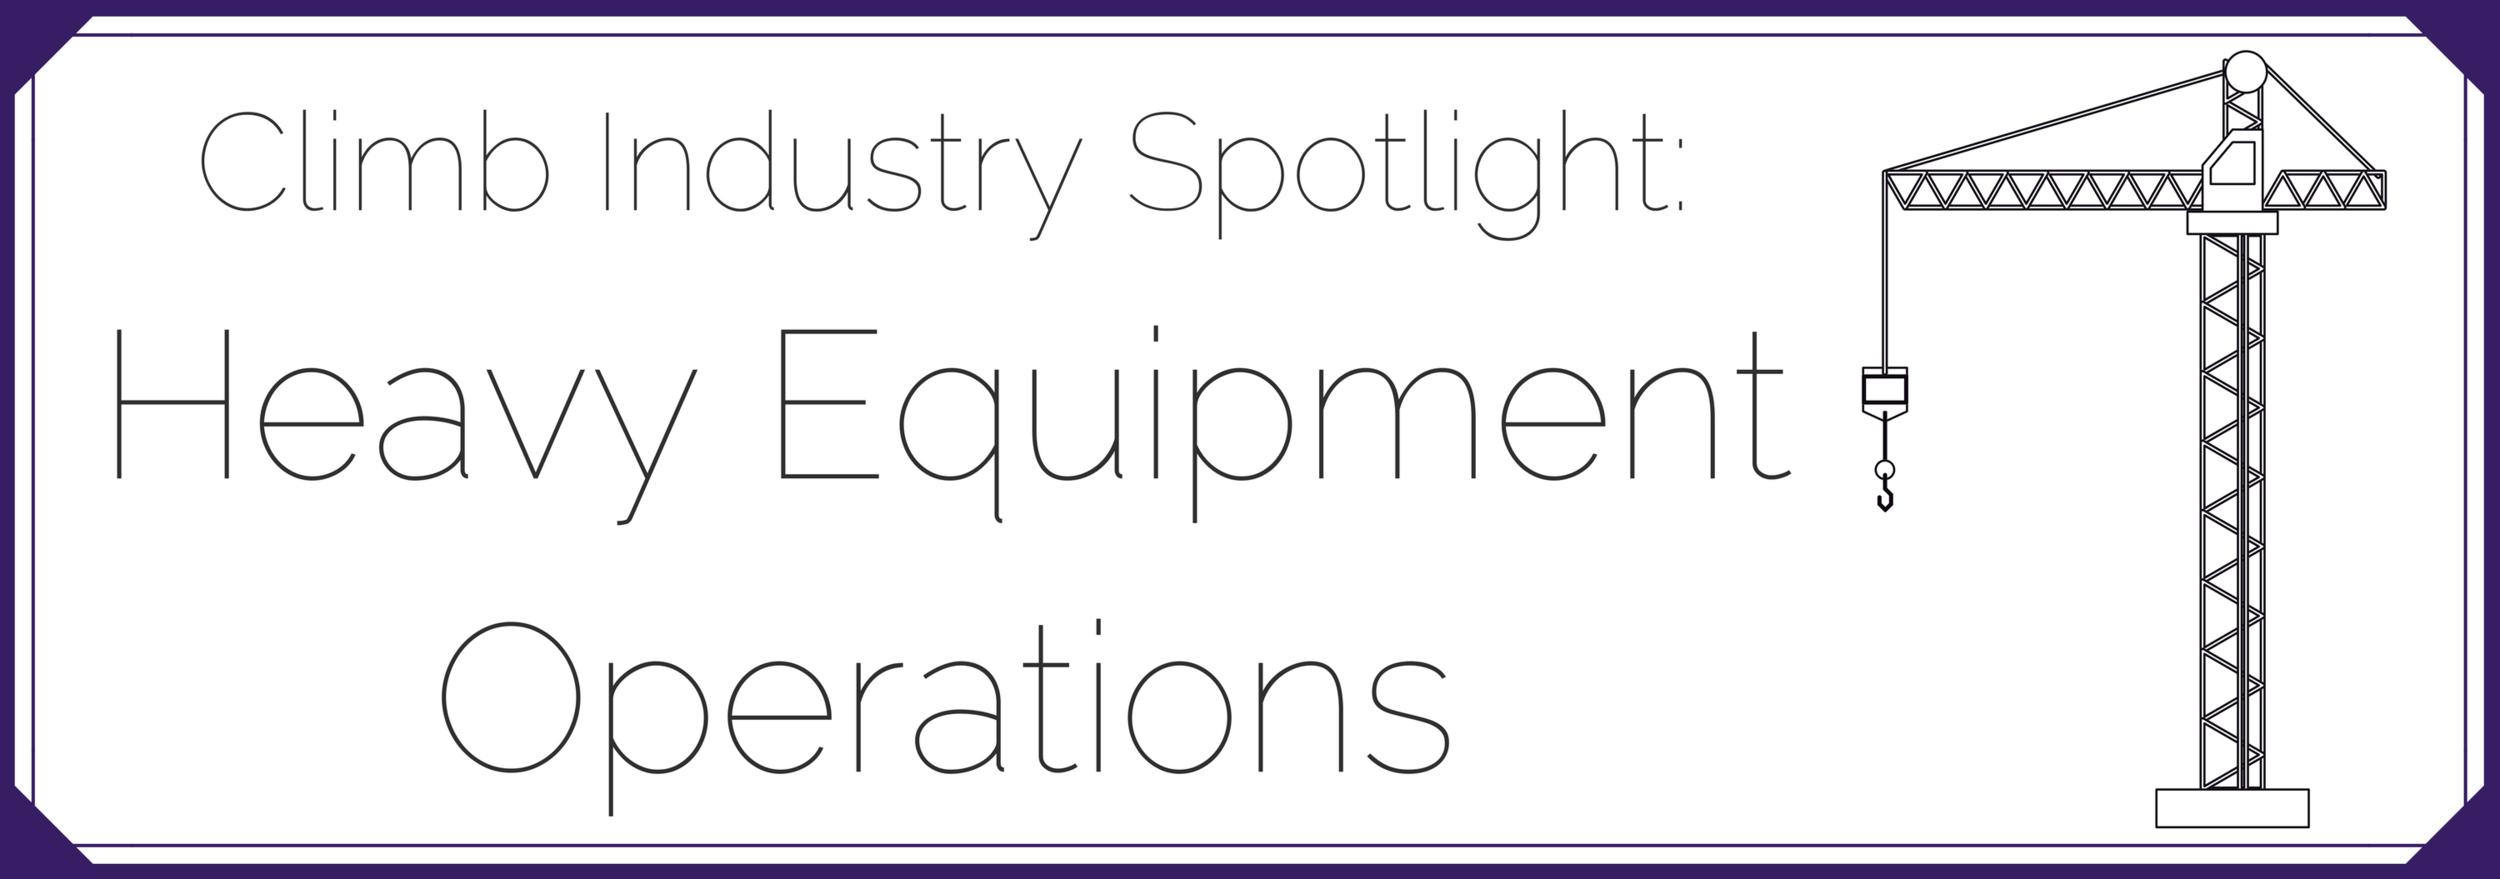 Heavy Equipment Programs